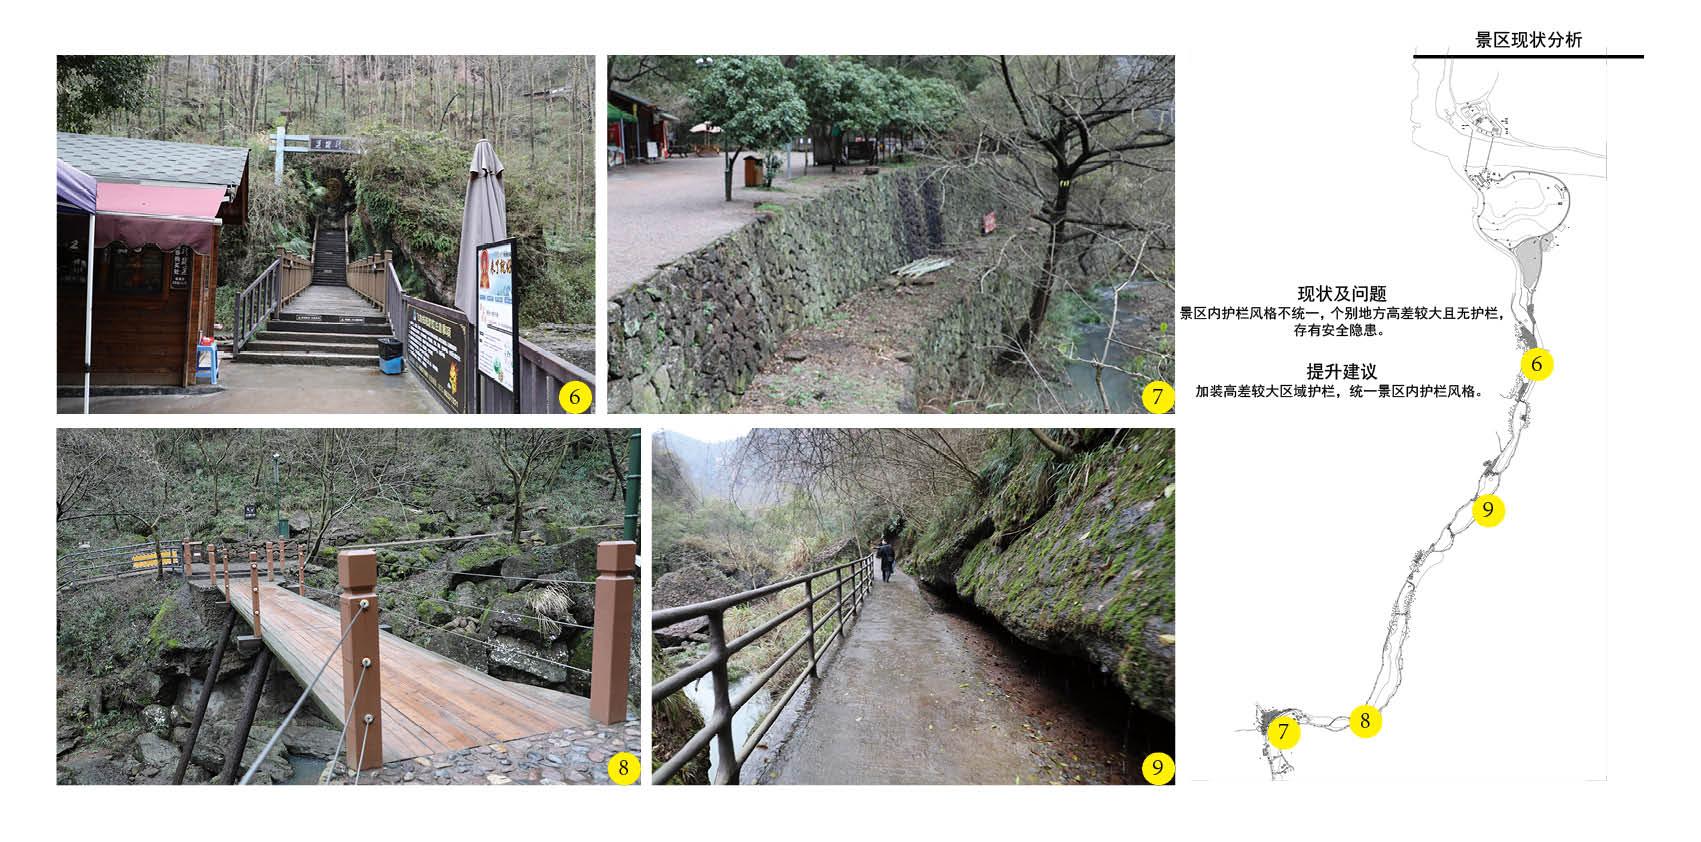 千丈幽谷景观提升设计_页面_12